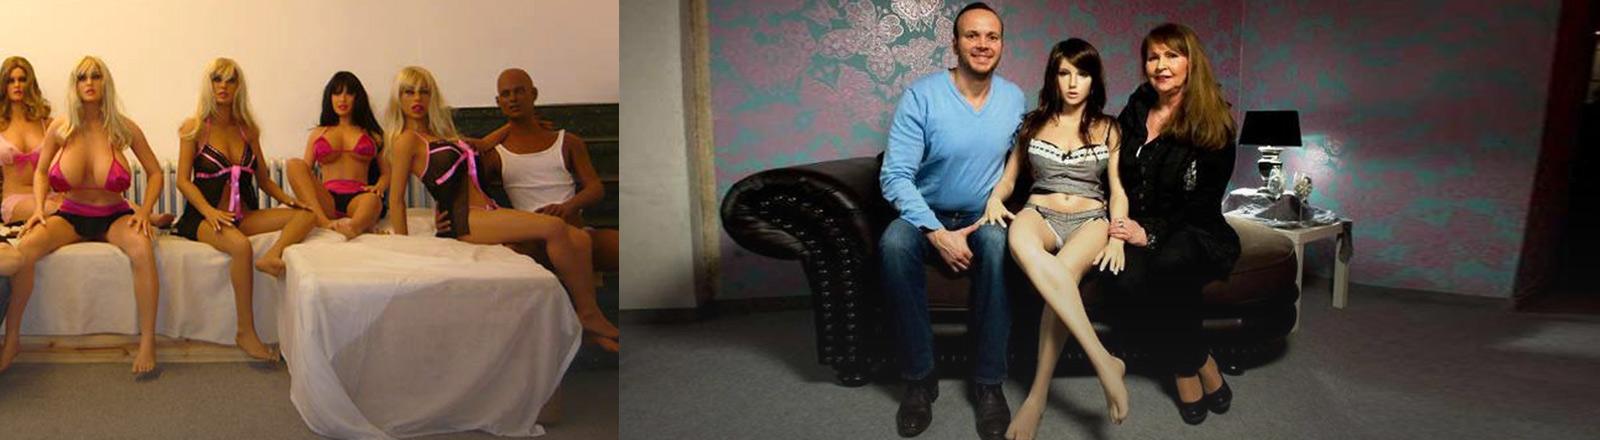 Mitja Klee und Real Dolls, die er verkauft